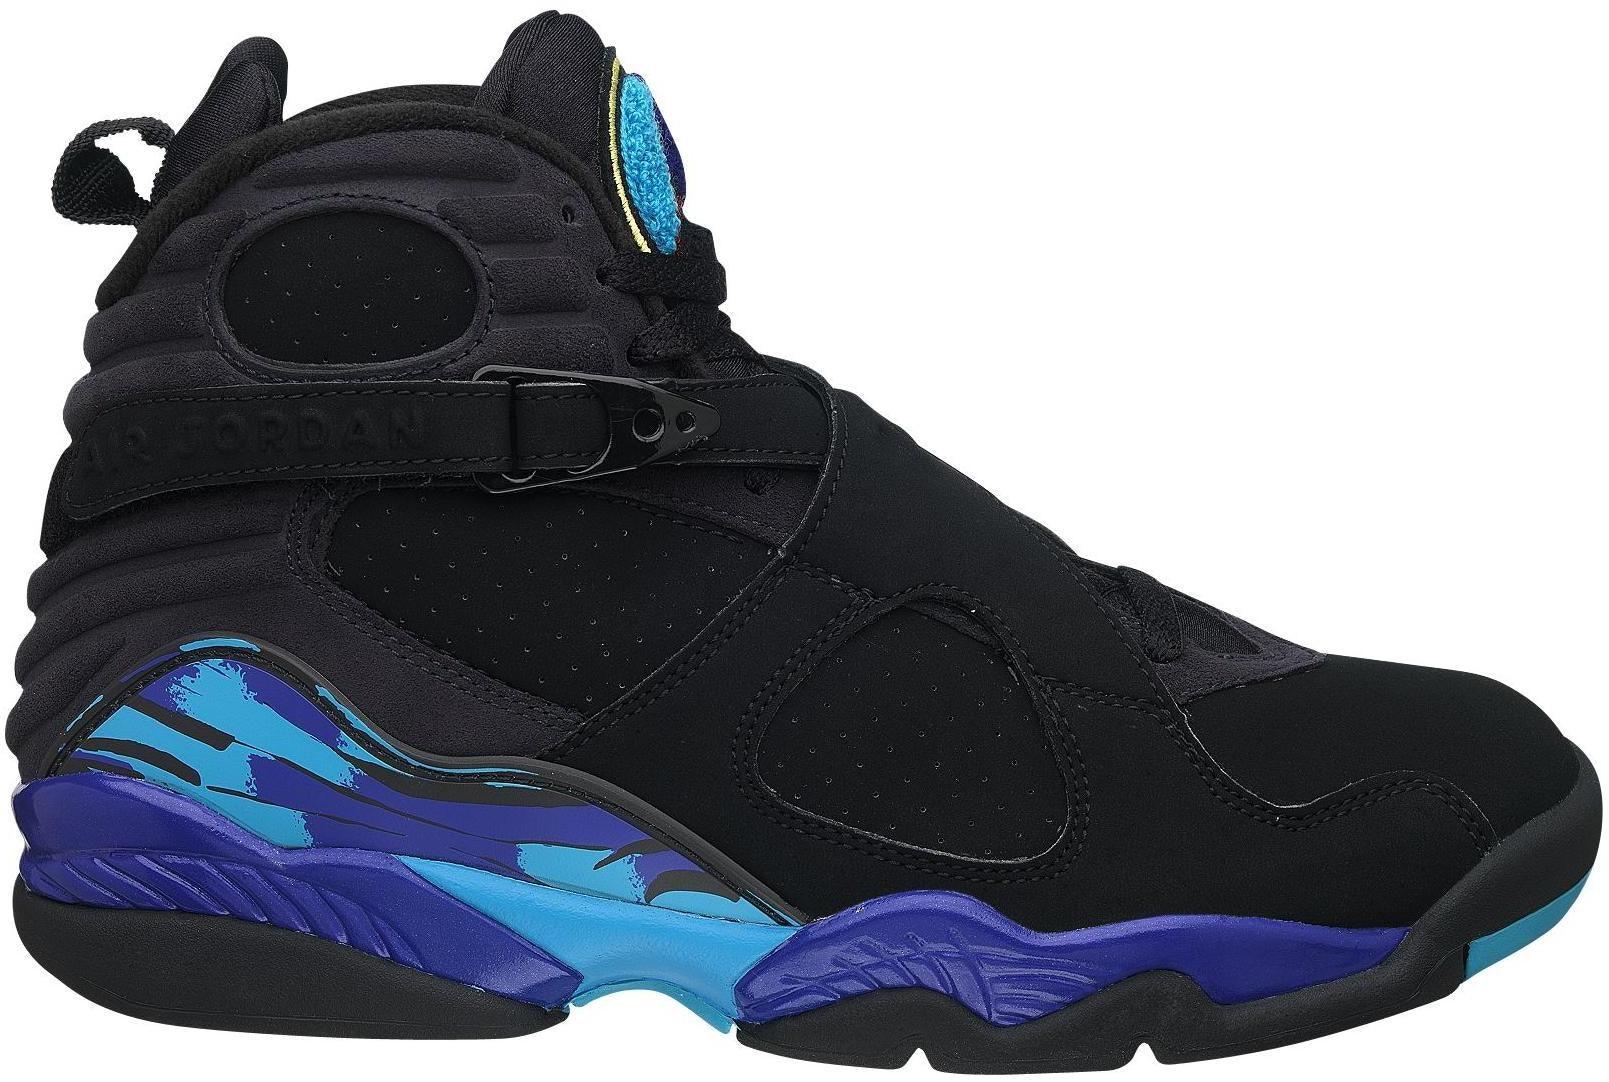 Jordan 8 Retro Aqua (2007)